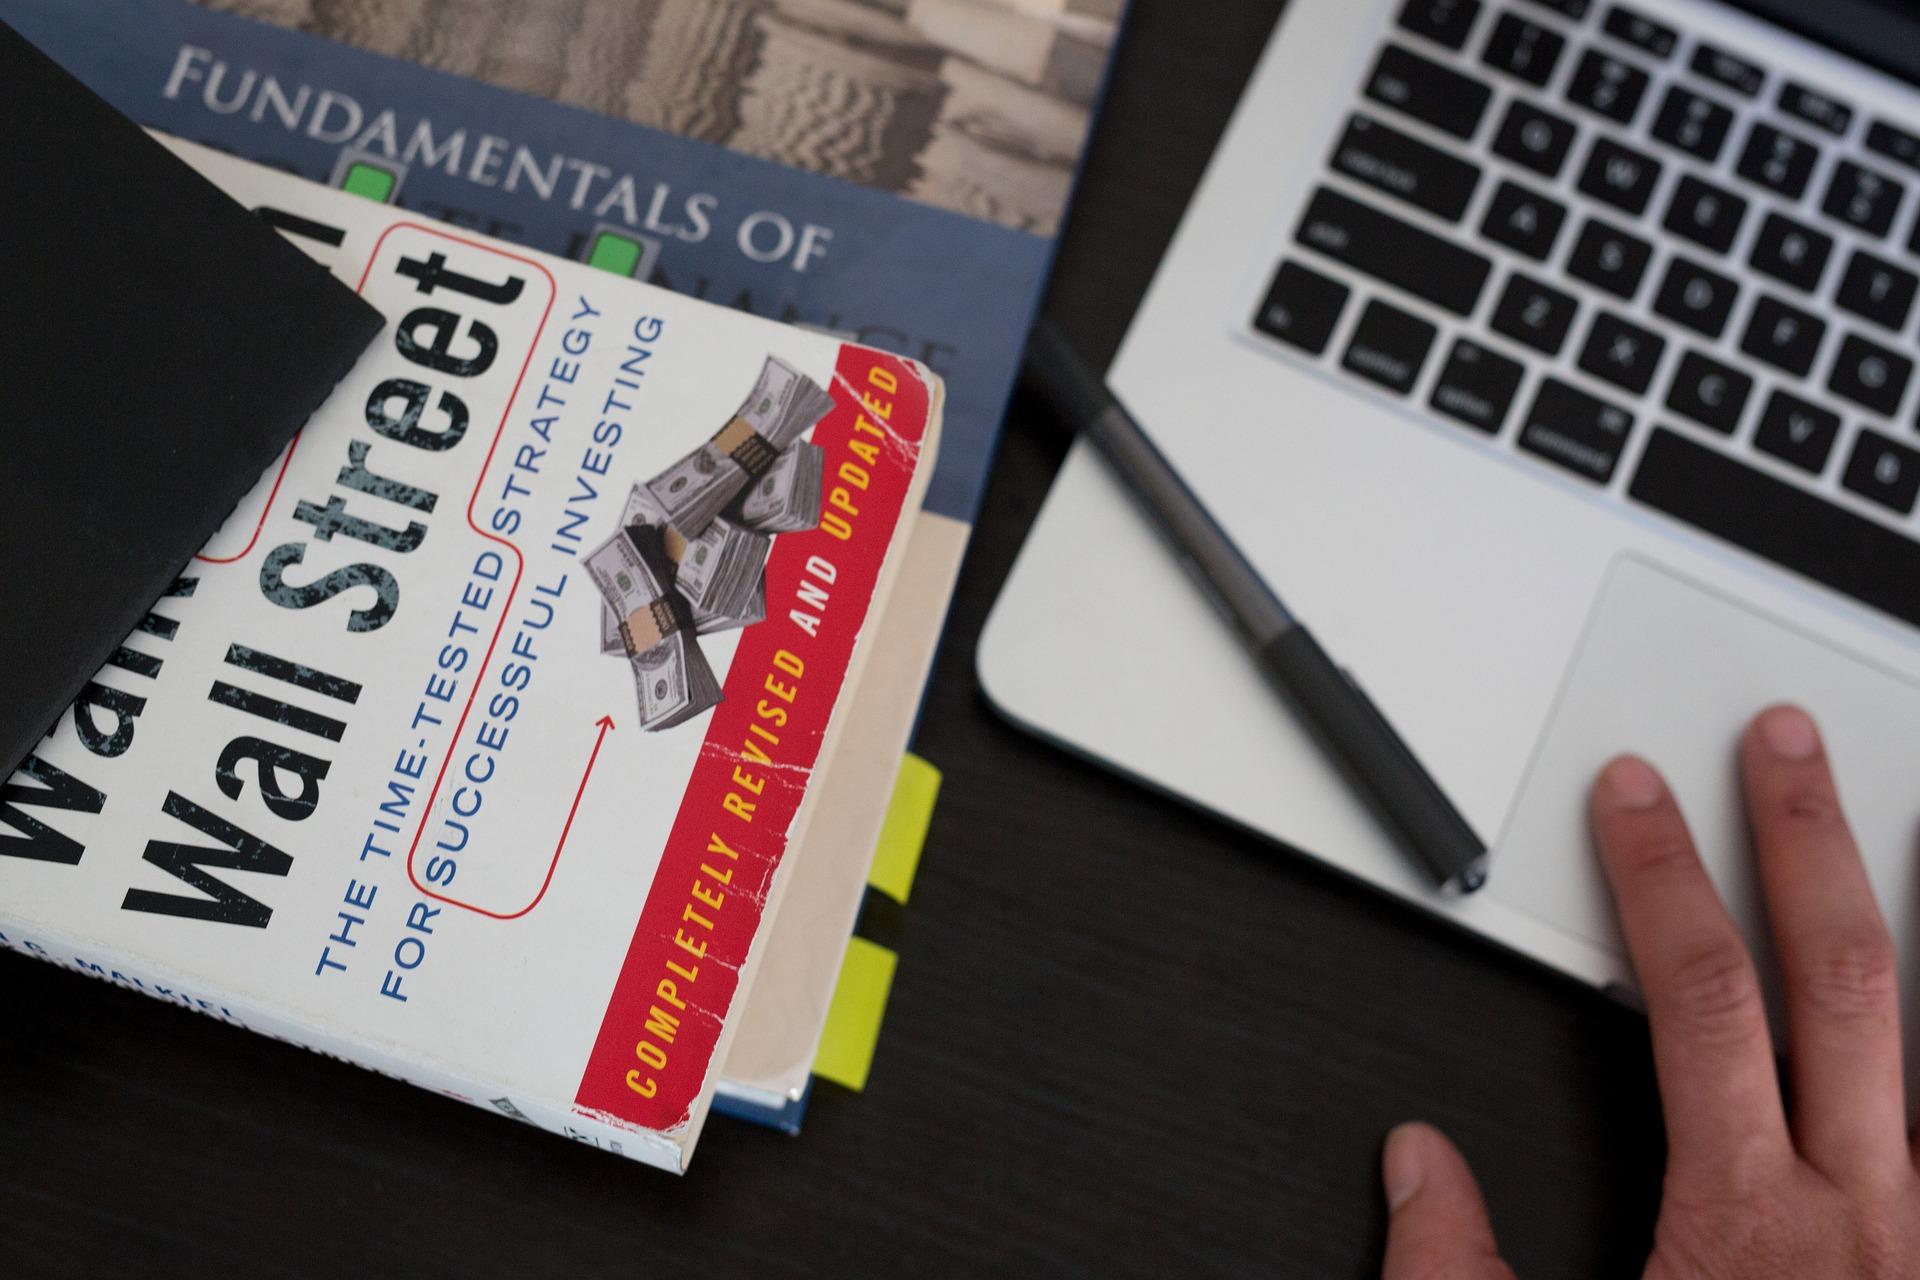 Migliori libri per investire in borsa